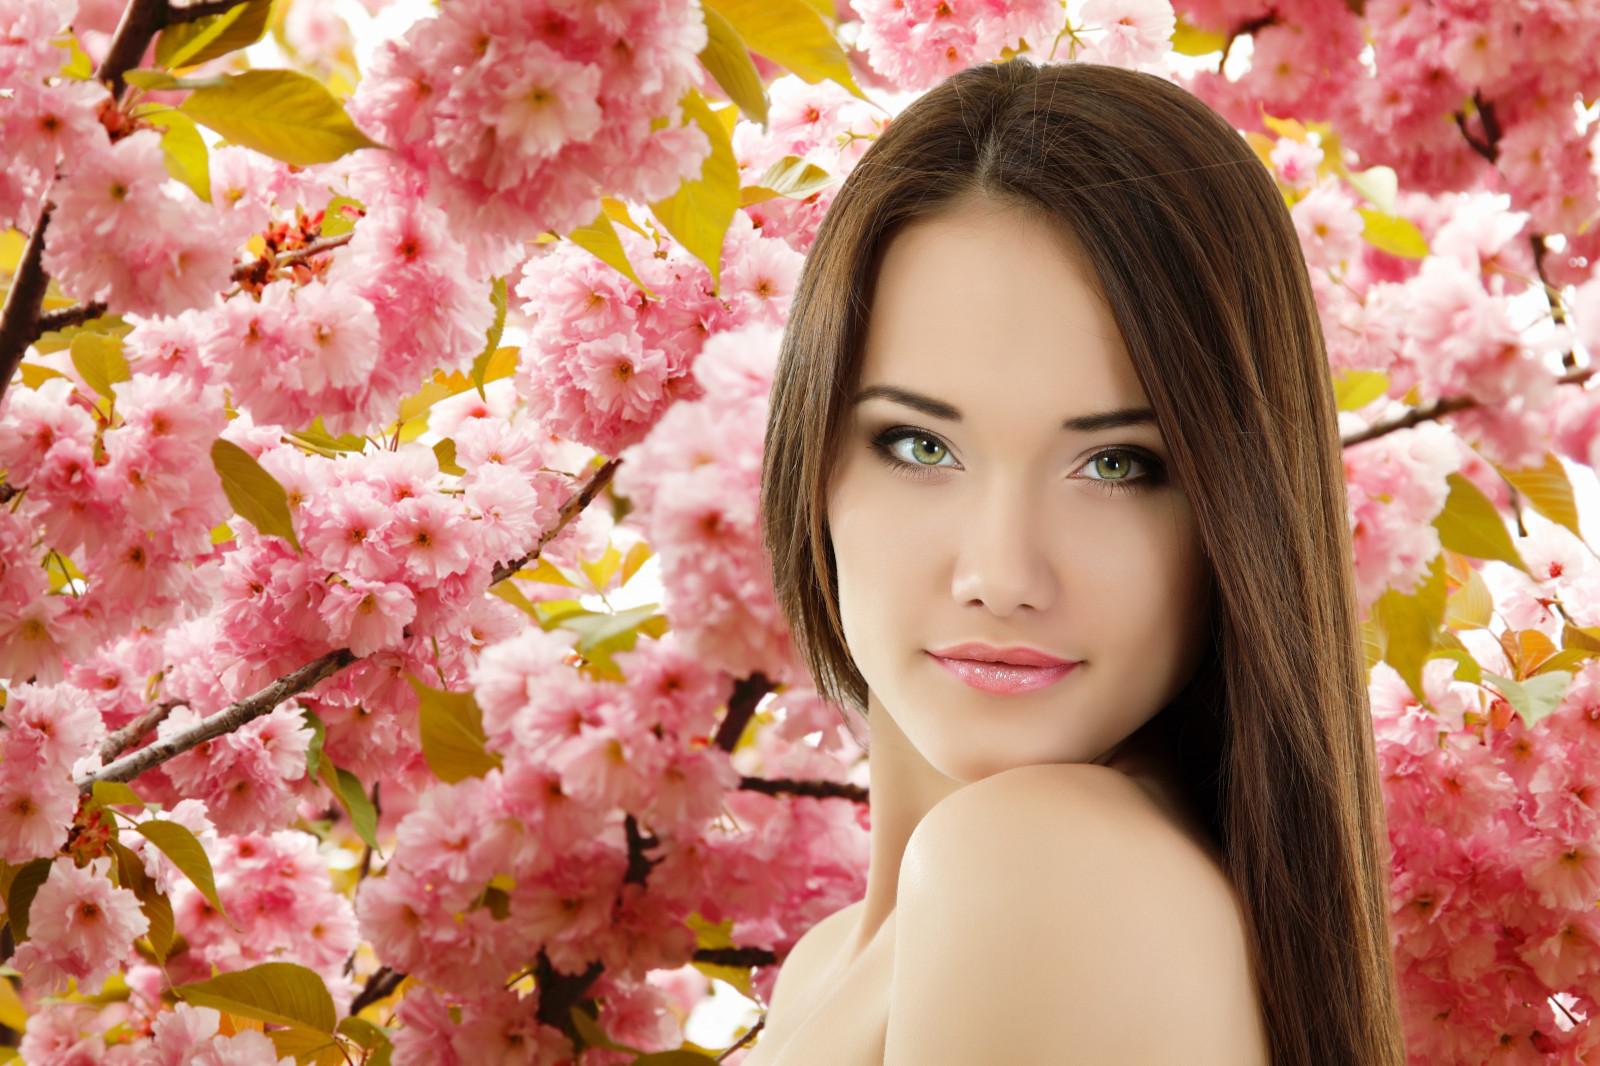 Весна девушки картинки на рабочий стол, при рождении девочки